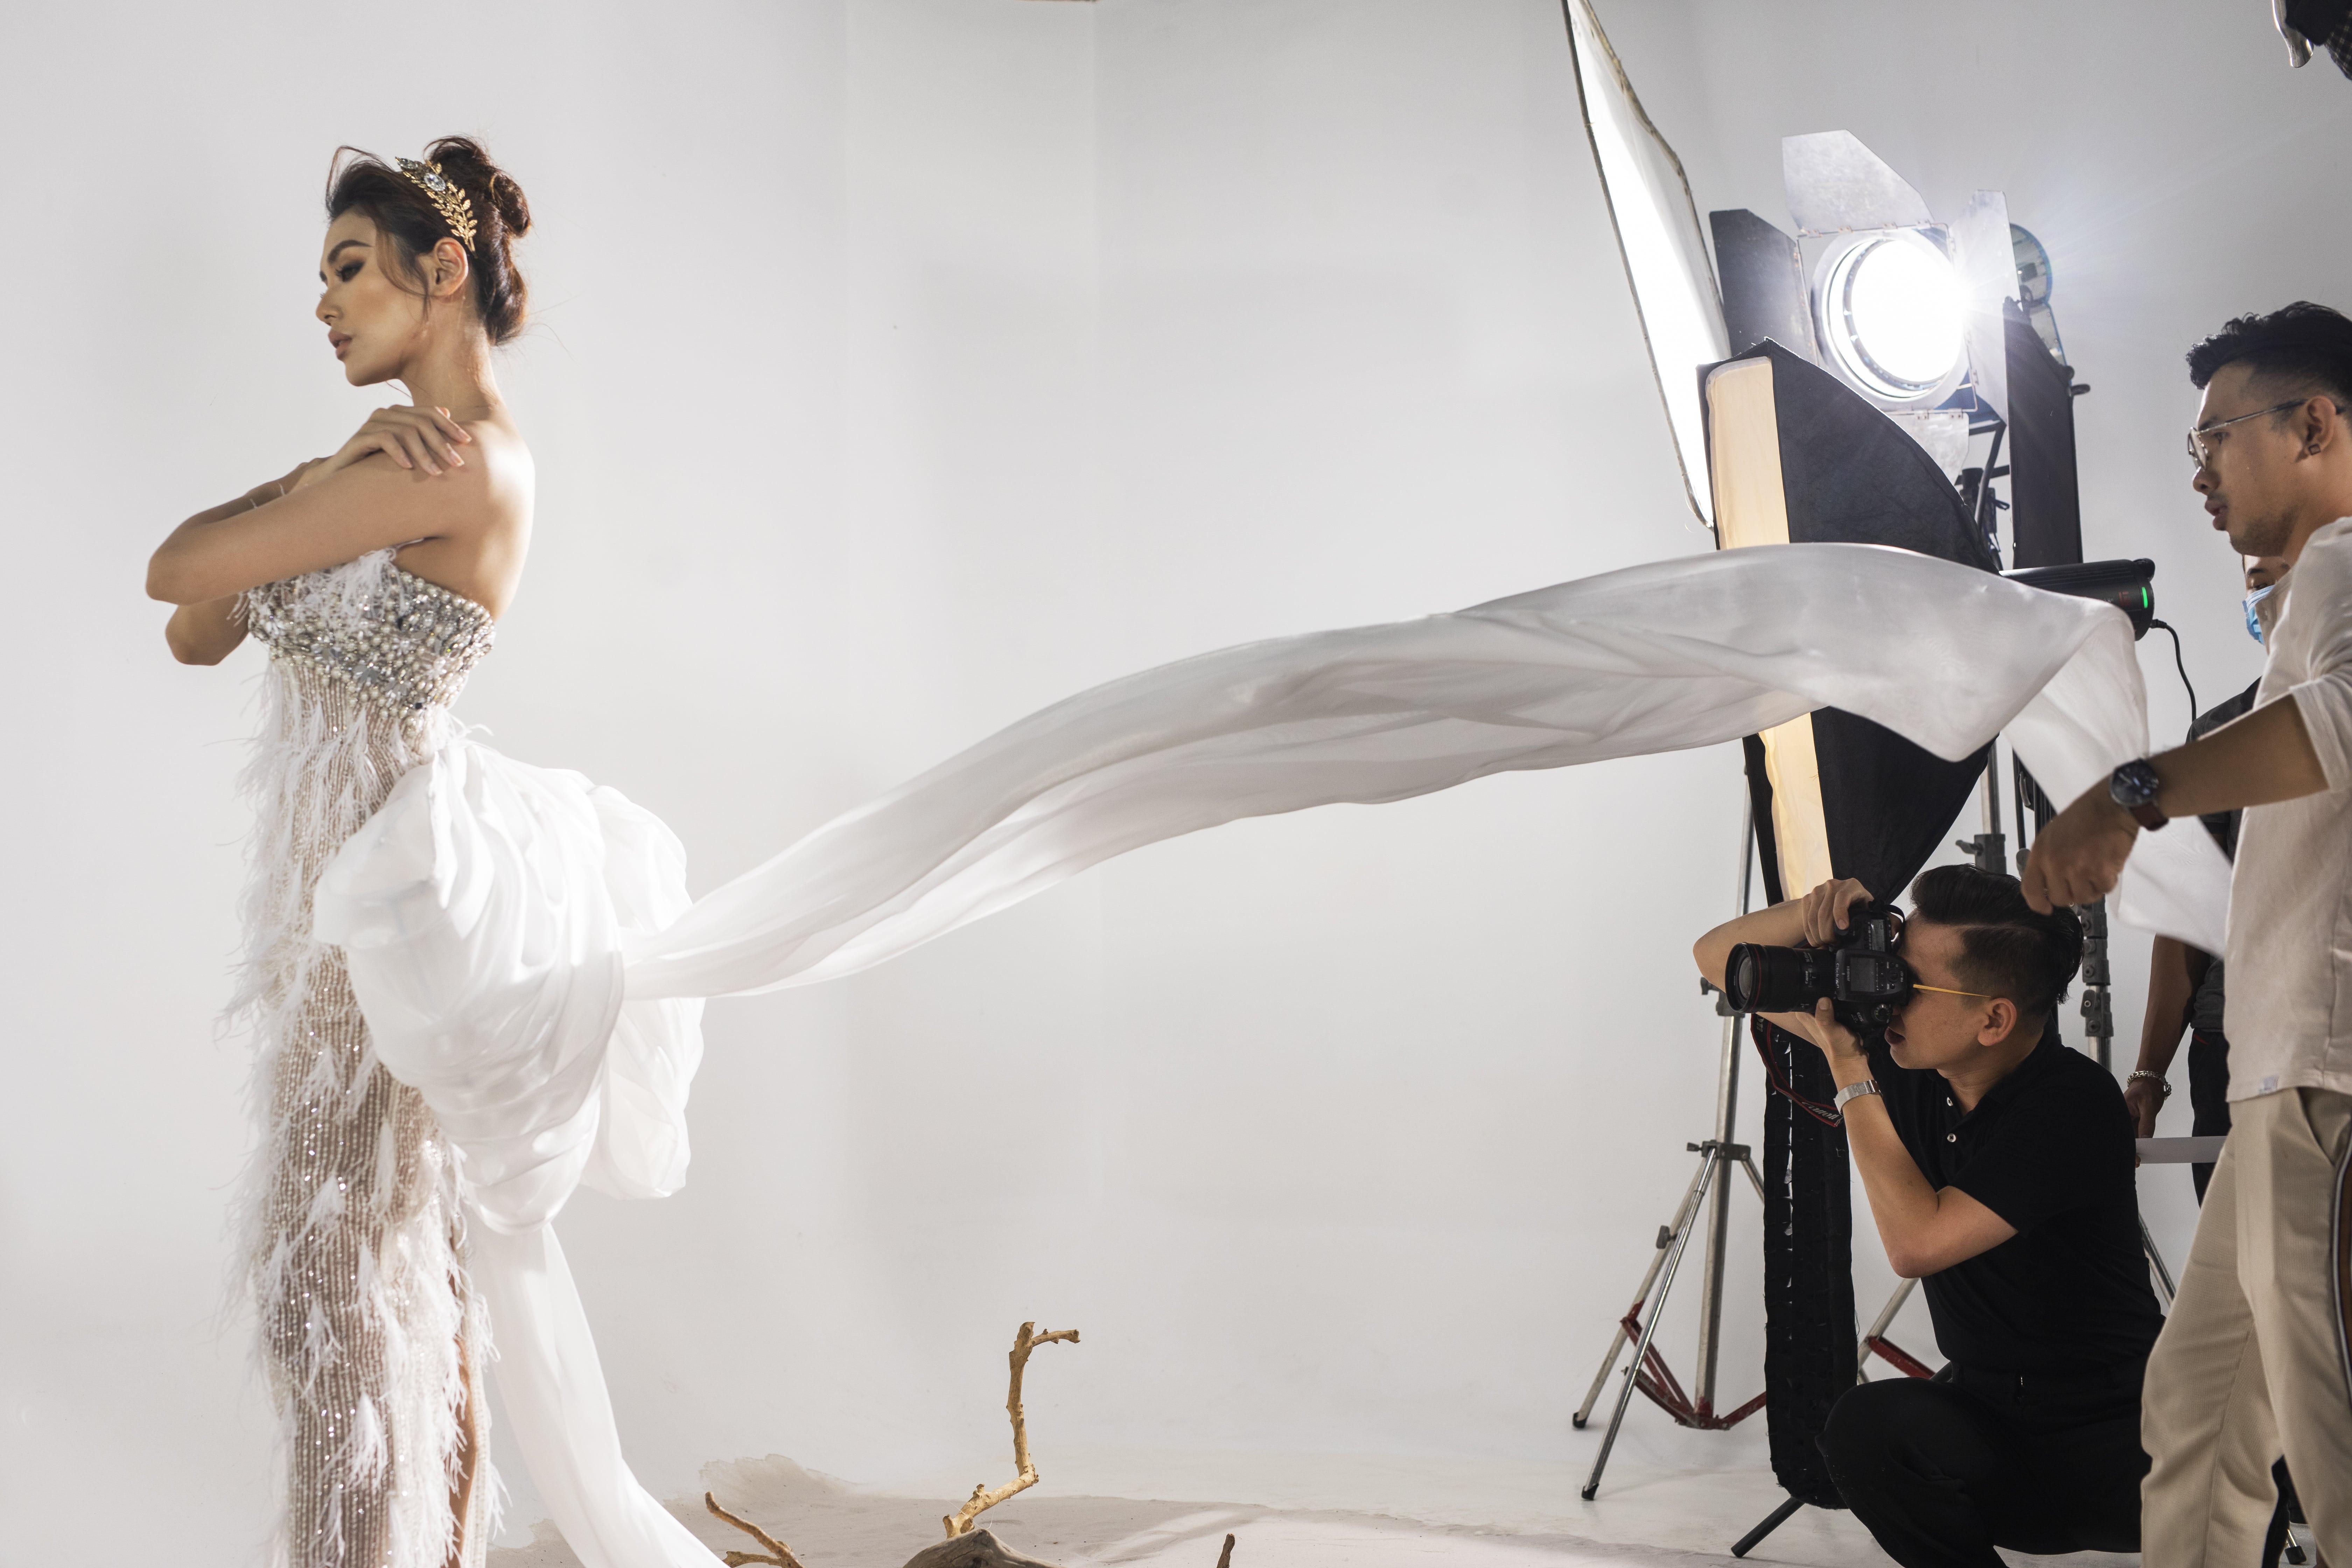 Hậu trường chụp ảnh: Những hình ảnh đầu tiên của bộ sưu tập váy cưới độc quyền cùng siêu mẫu Võ Hoàng Yến Marry